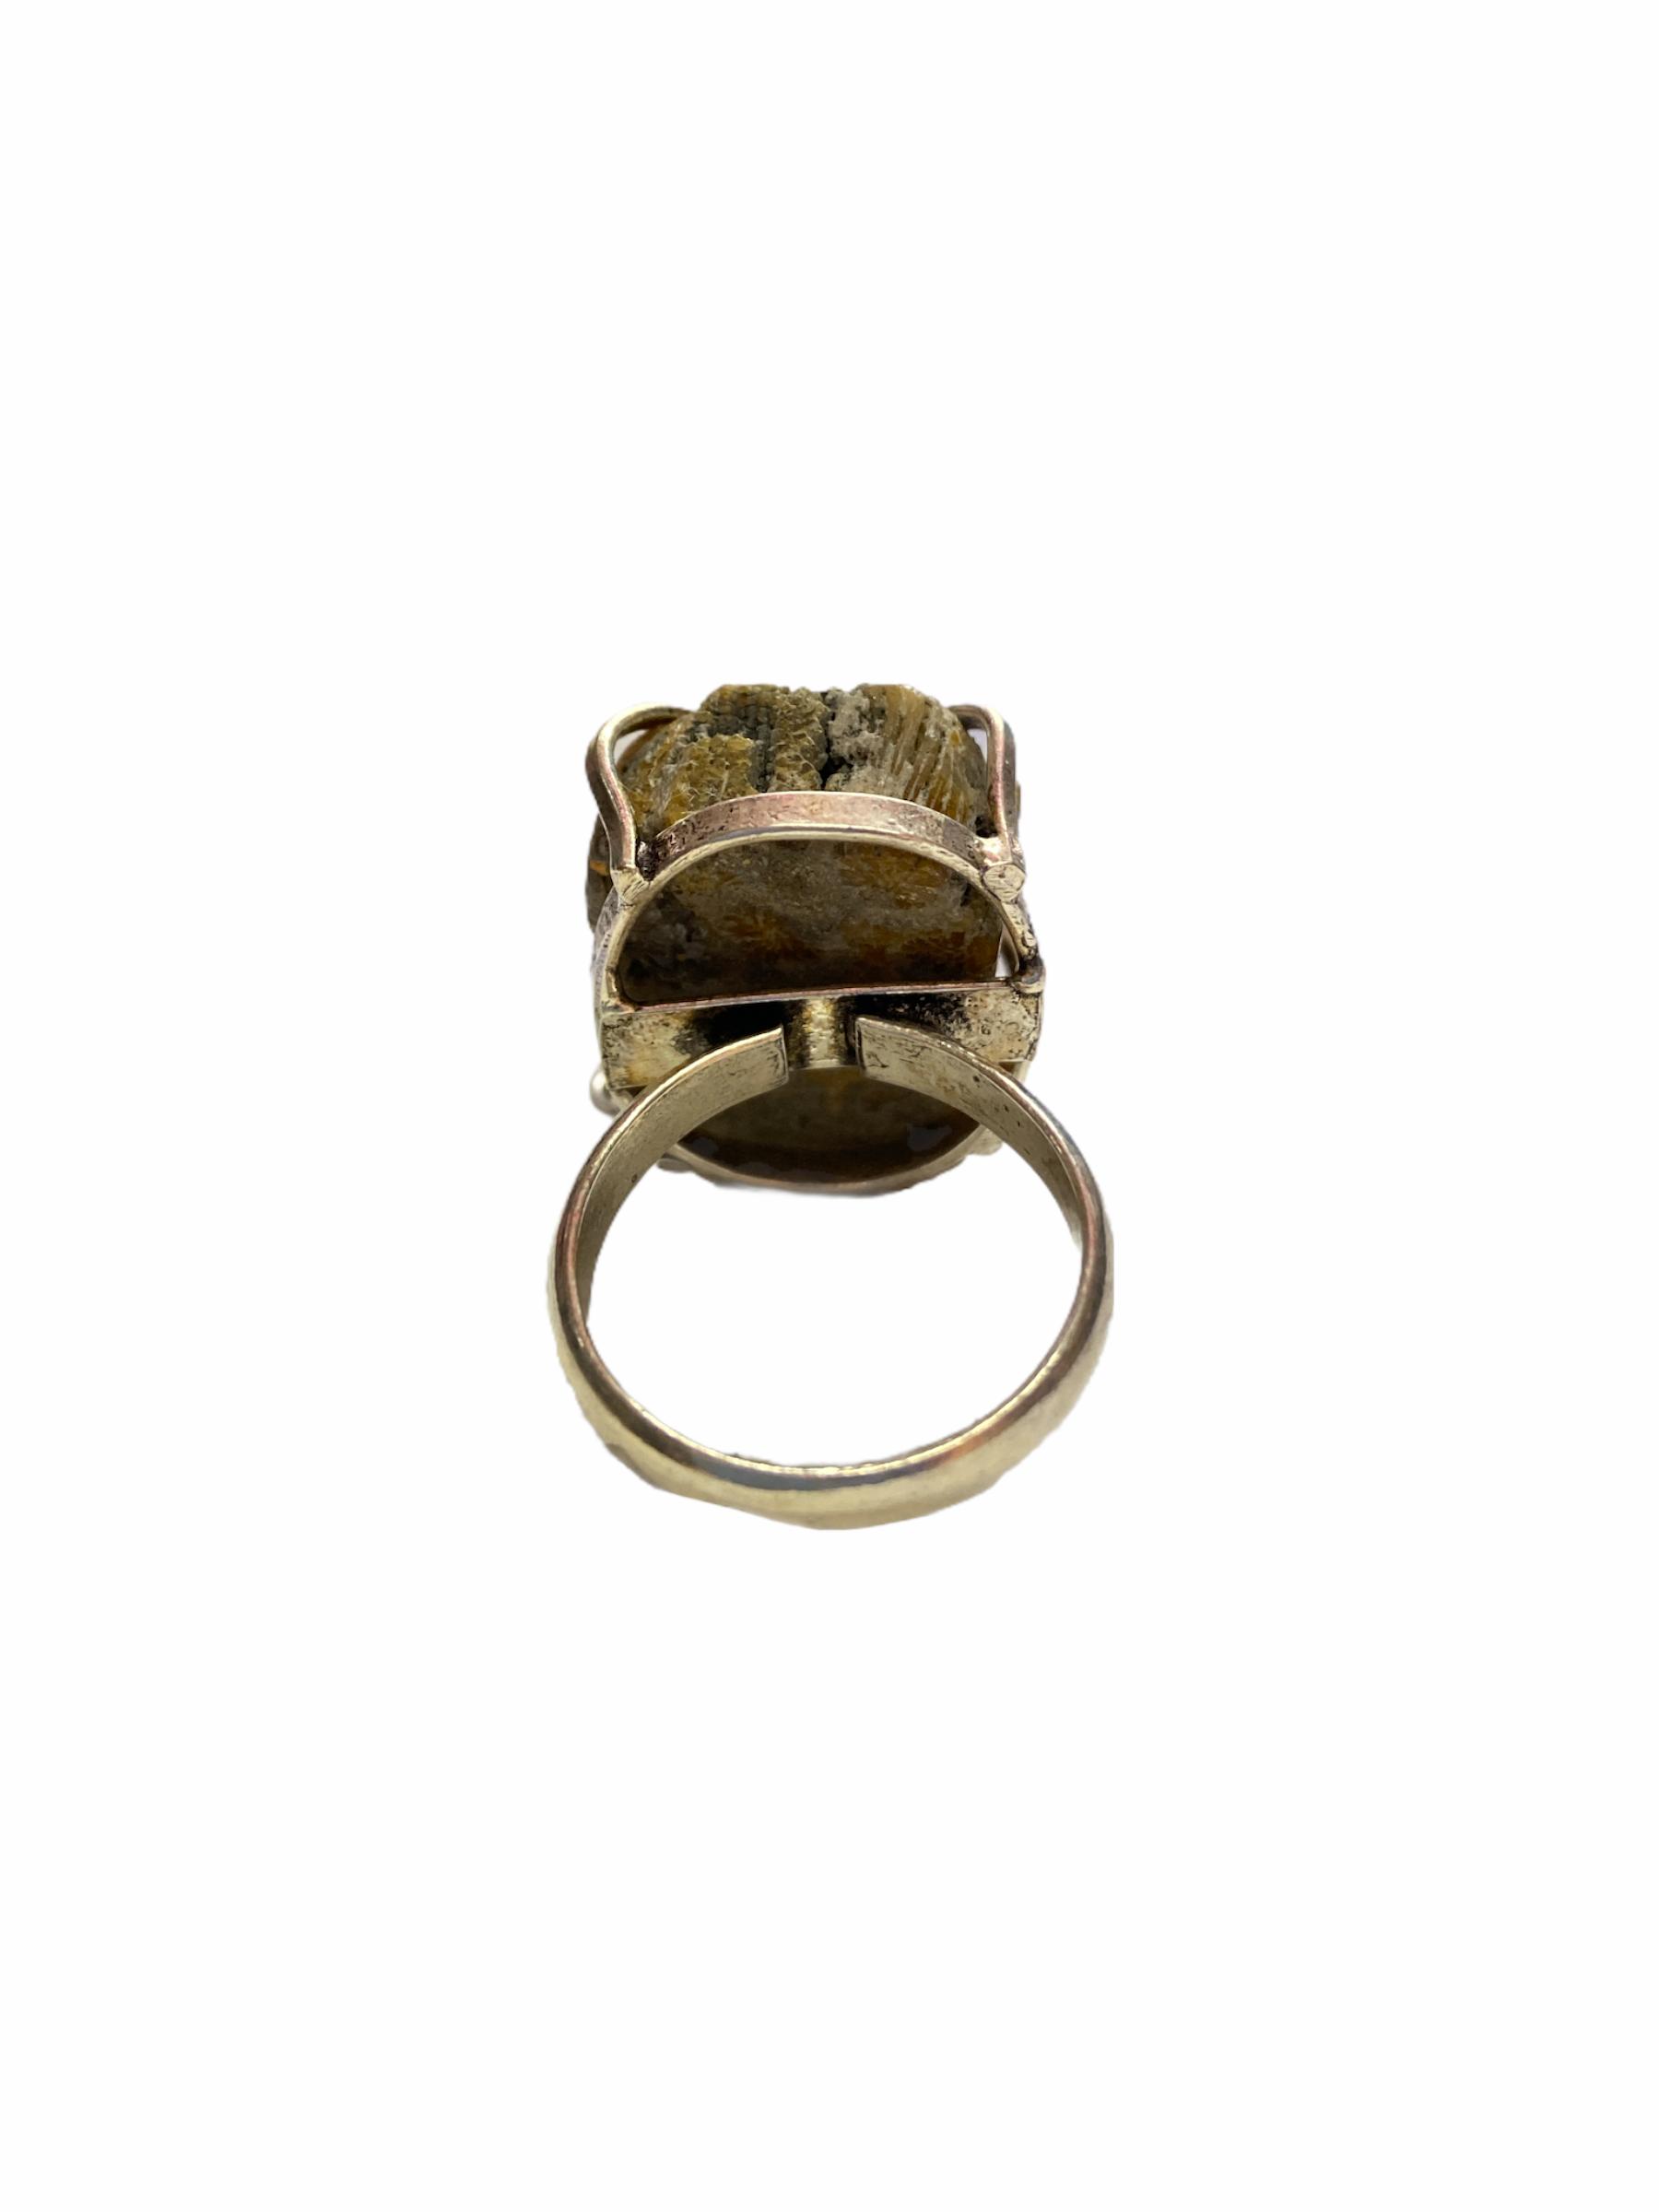 Δαχτυλίδι Χειροποίητο Ακατέργαστο Με Ίασπι Ασημί